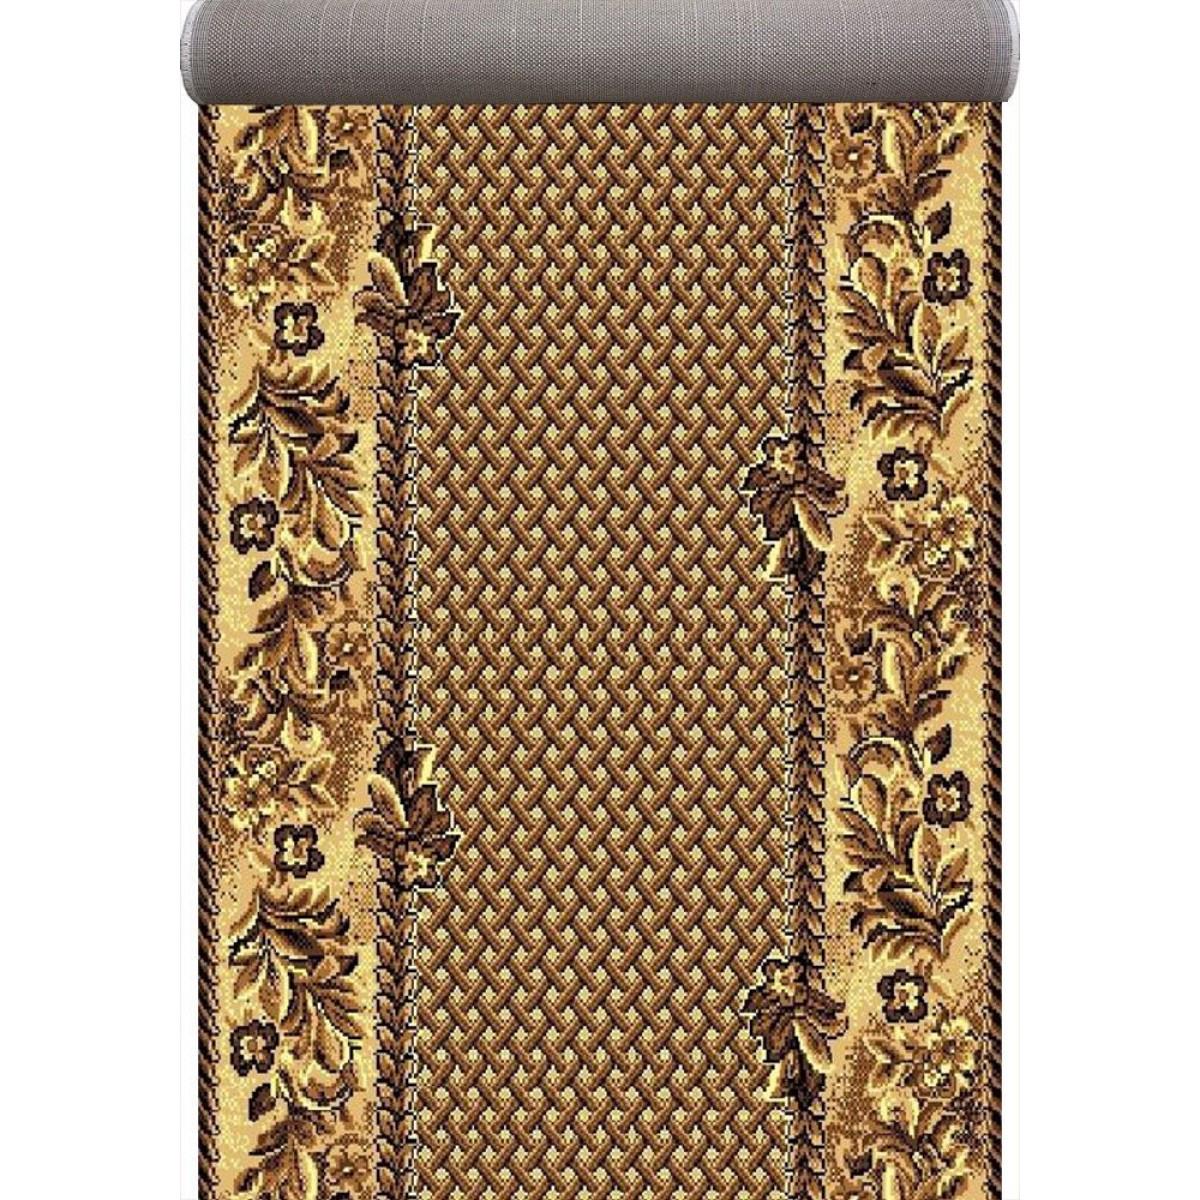 Дорожка ковровая Gold runner (316/12)  ширина  0.80 м